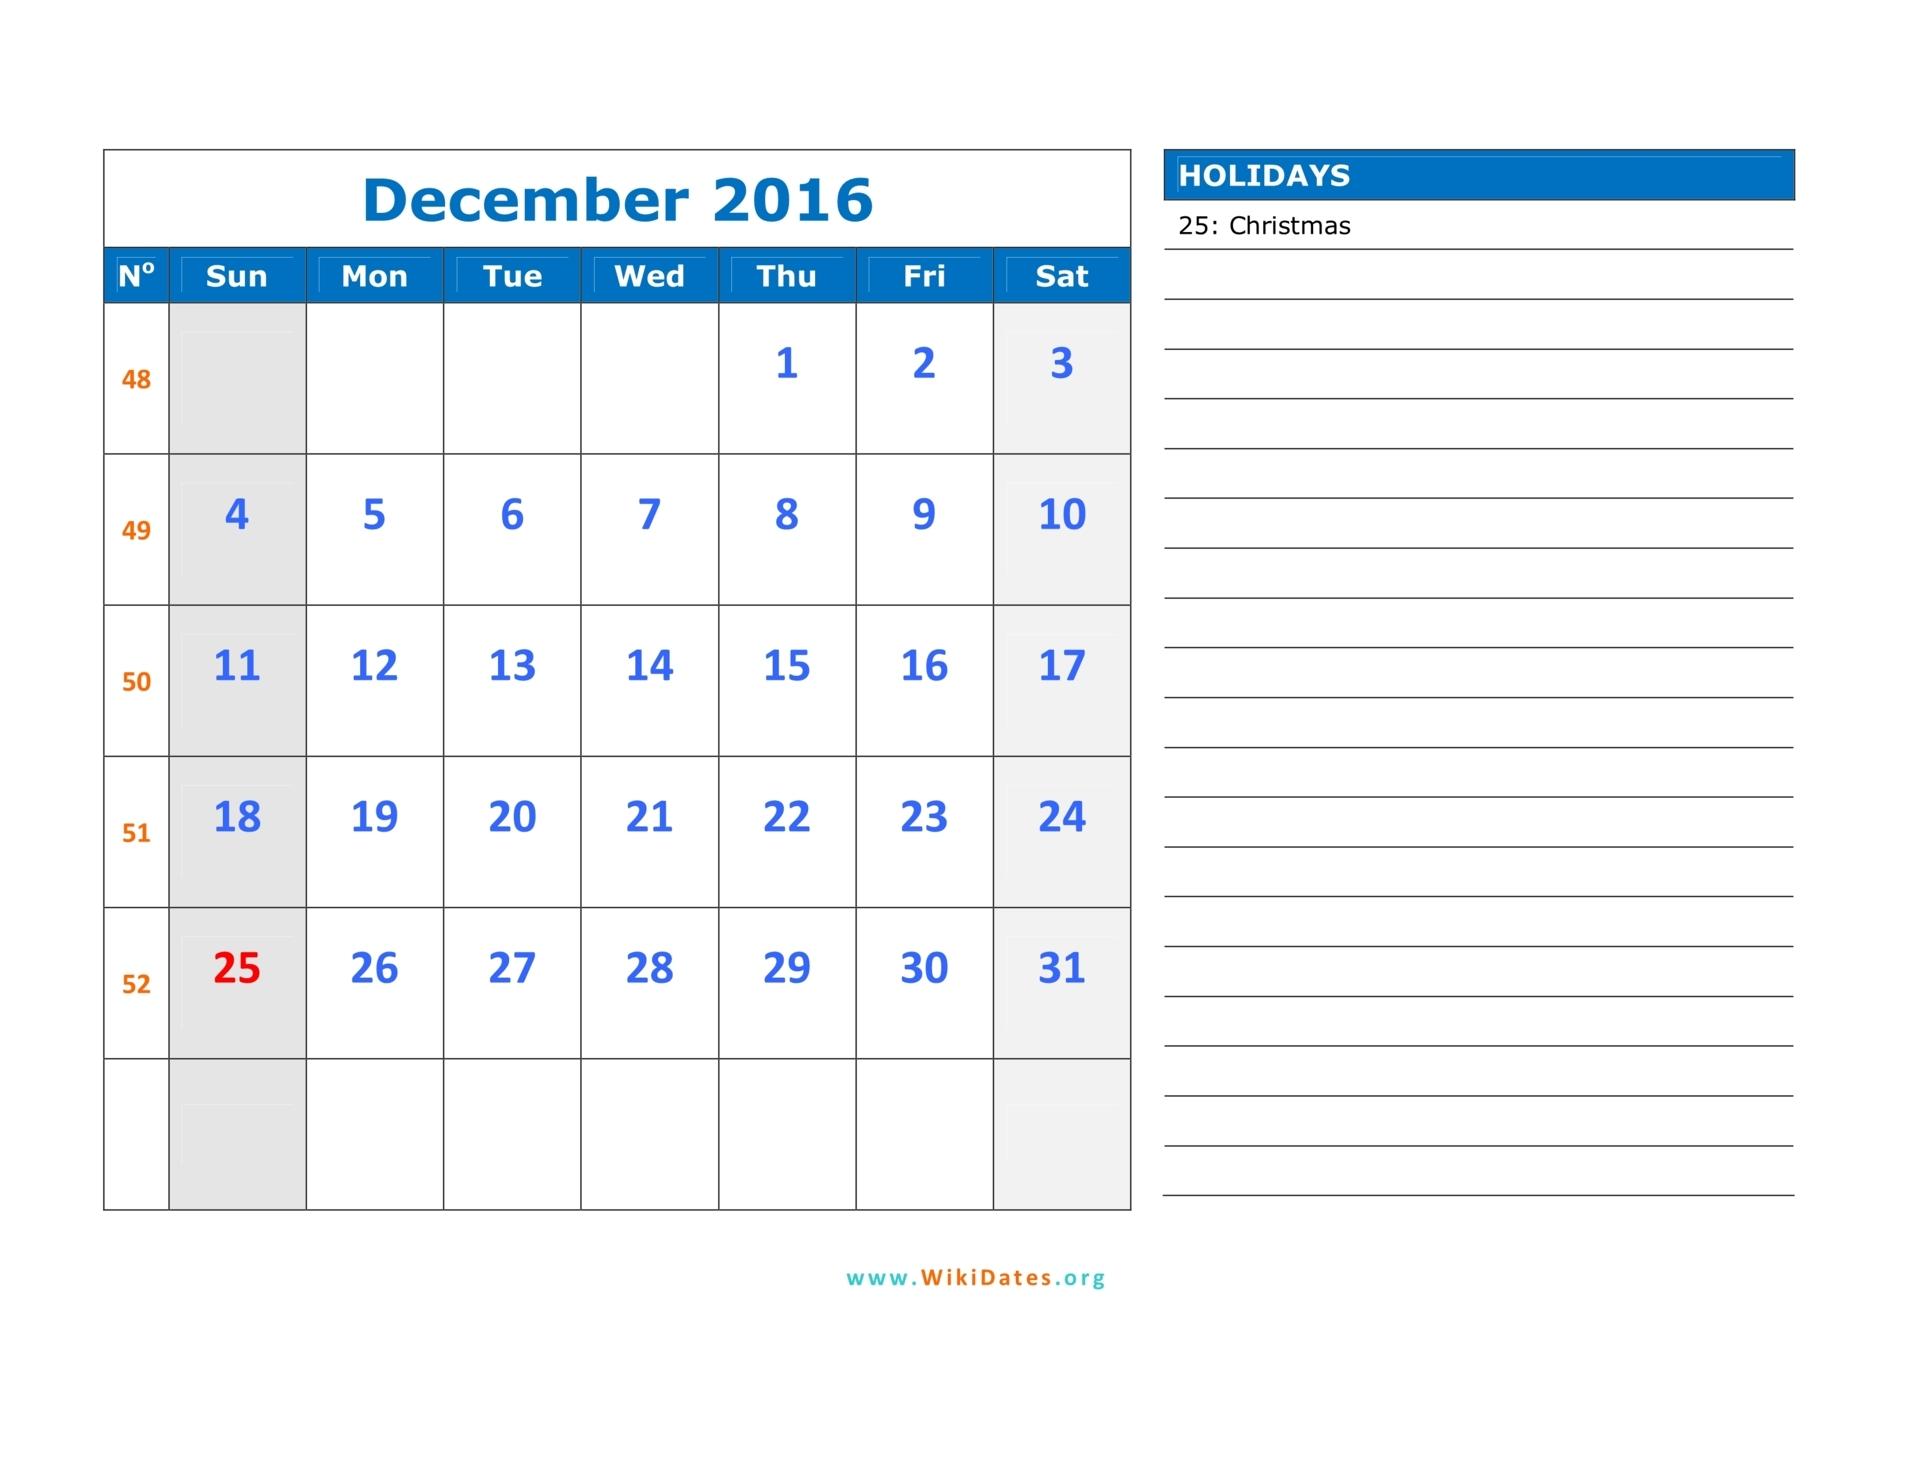 December 2016 Calendar | WikiDates.org